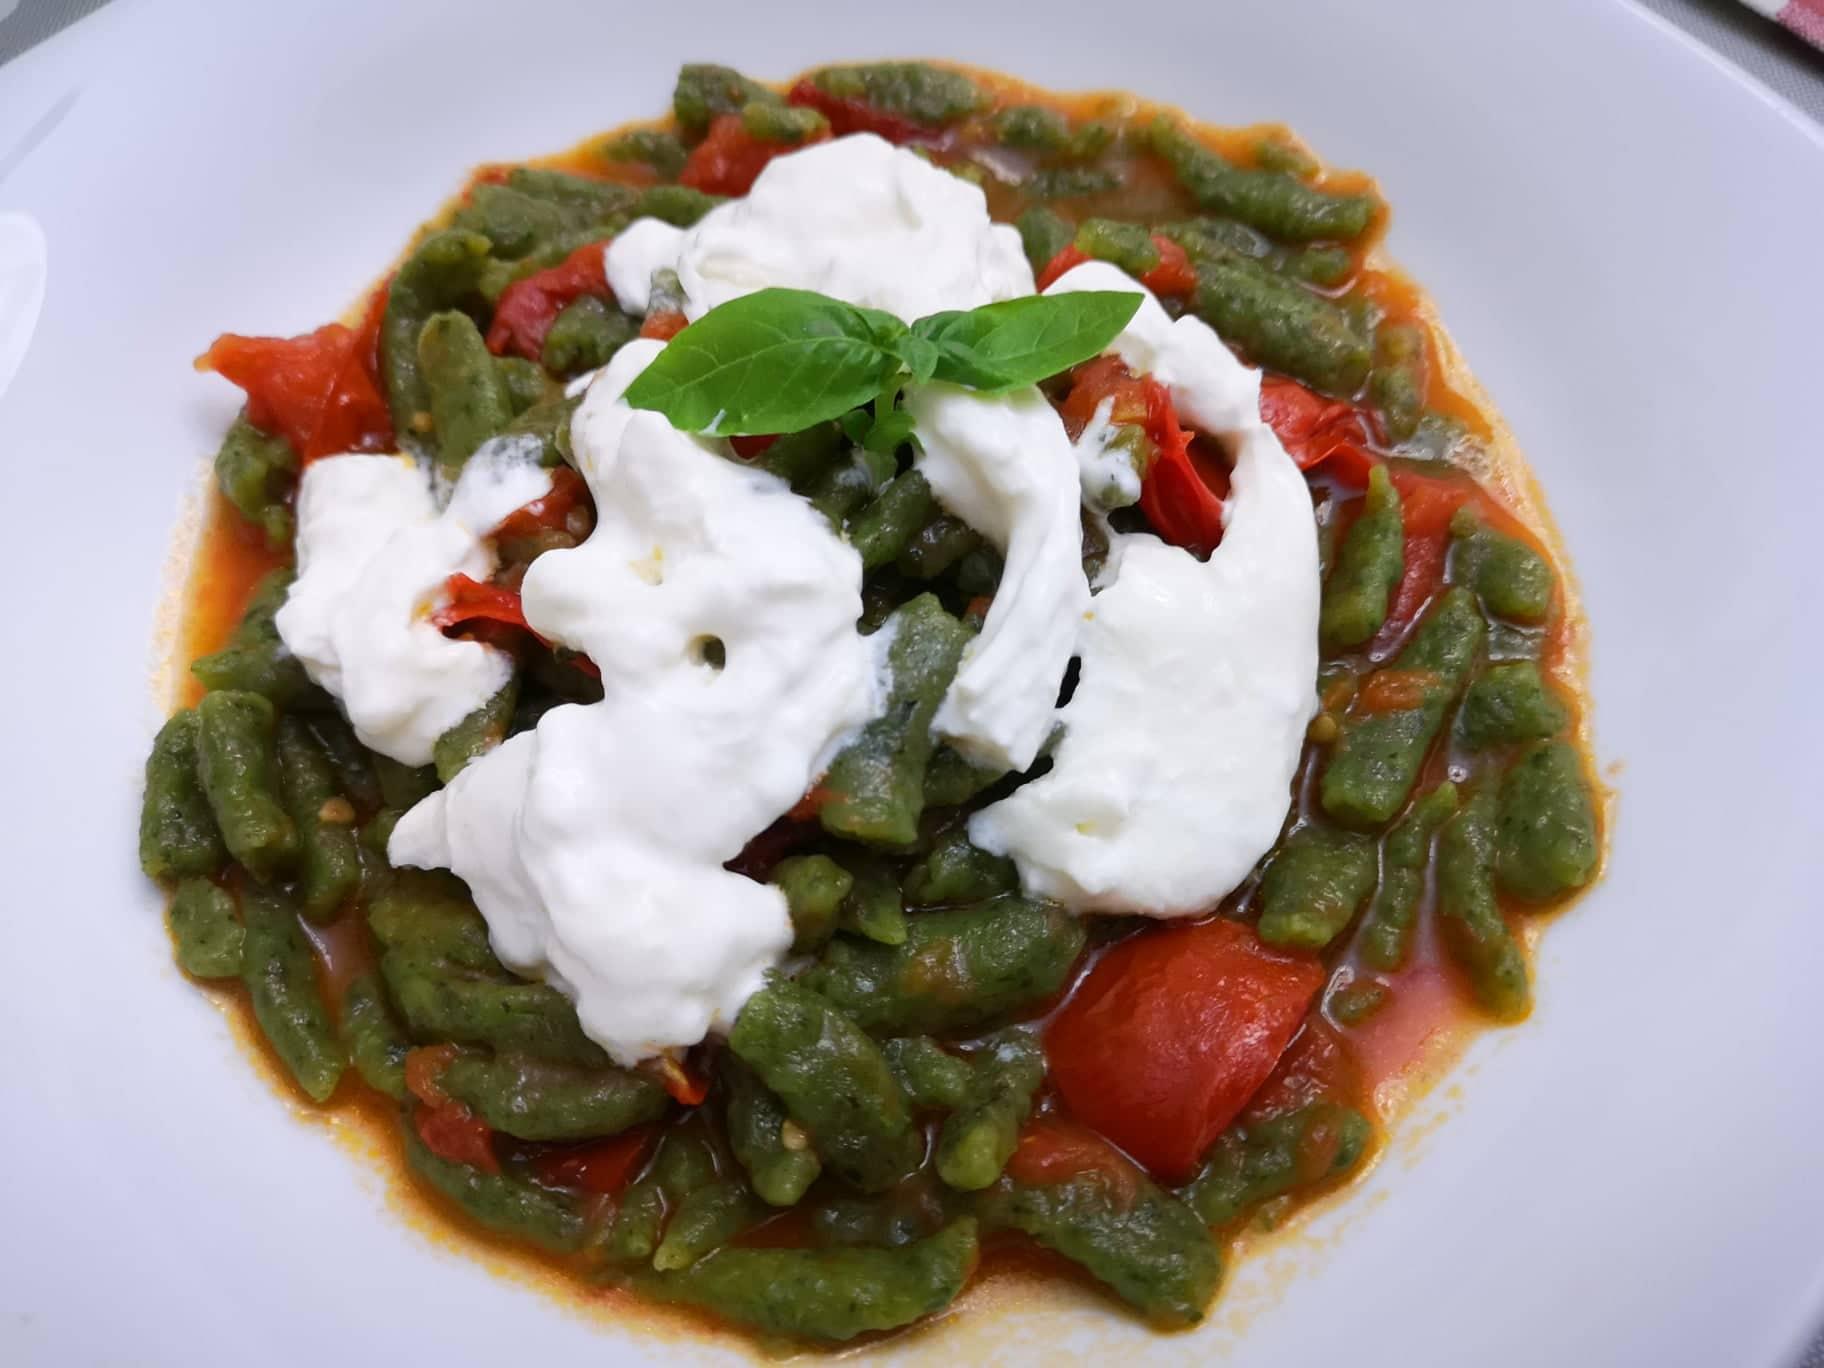 Spätzle agli spinaci con pomodorini e burrata